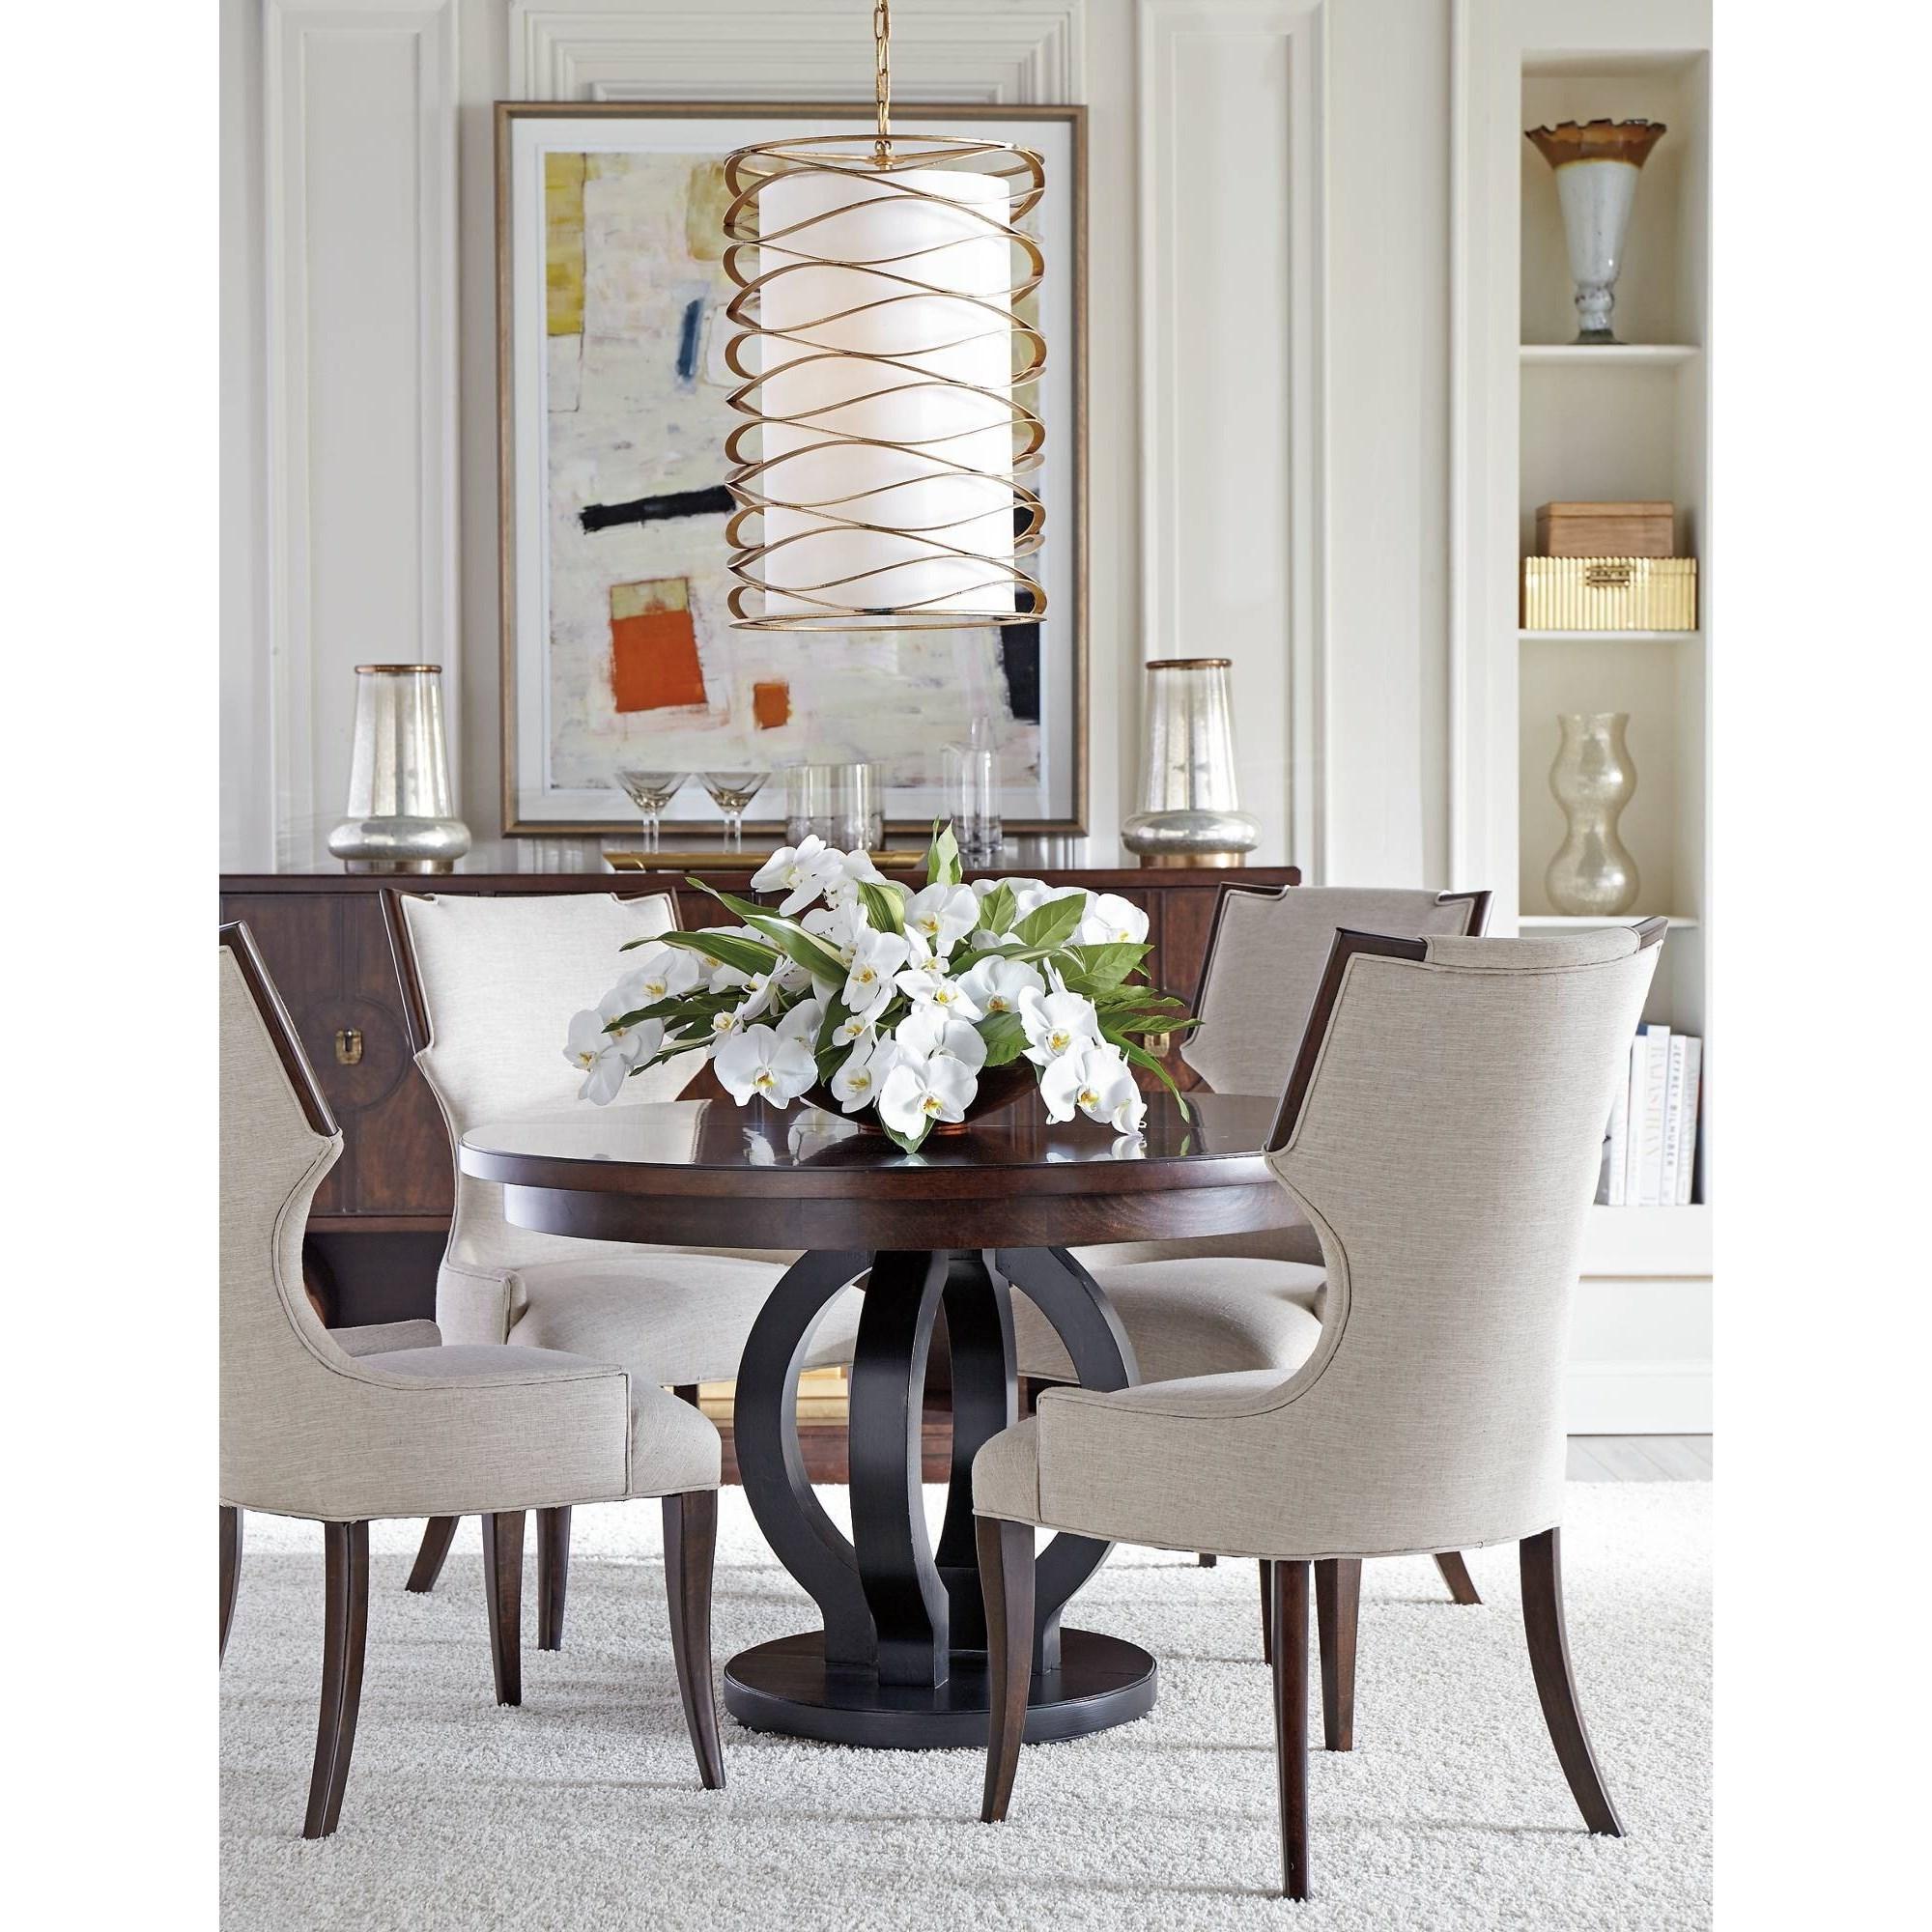 Stanley Furniture Virage Formal Dining Room Group - Item Number: 696-1 Dining Room Group 3